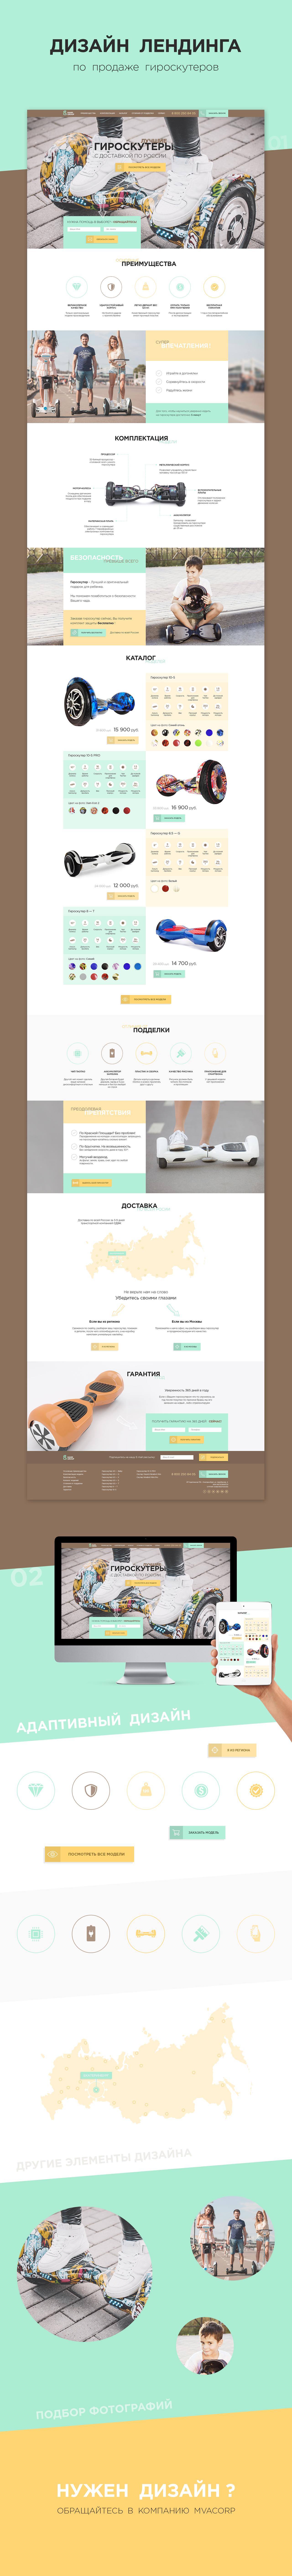 Дизайн лендинга гироскутера